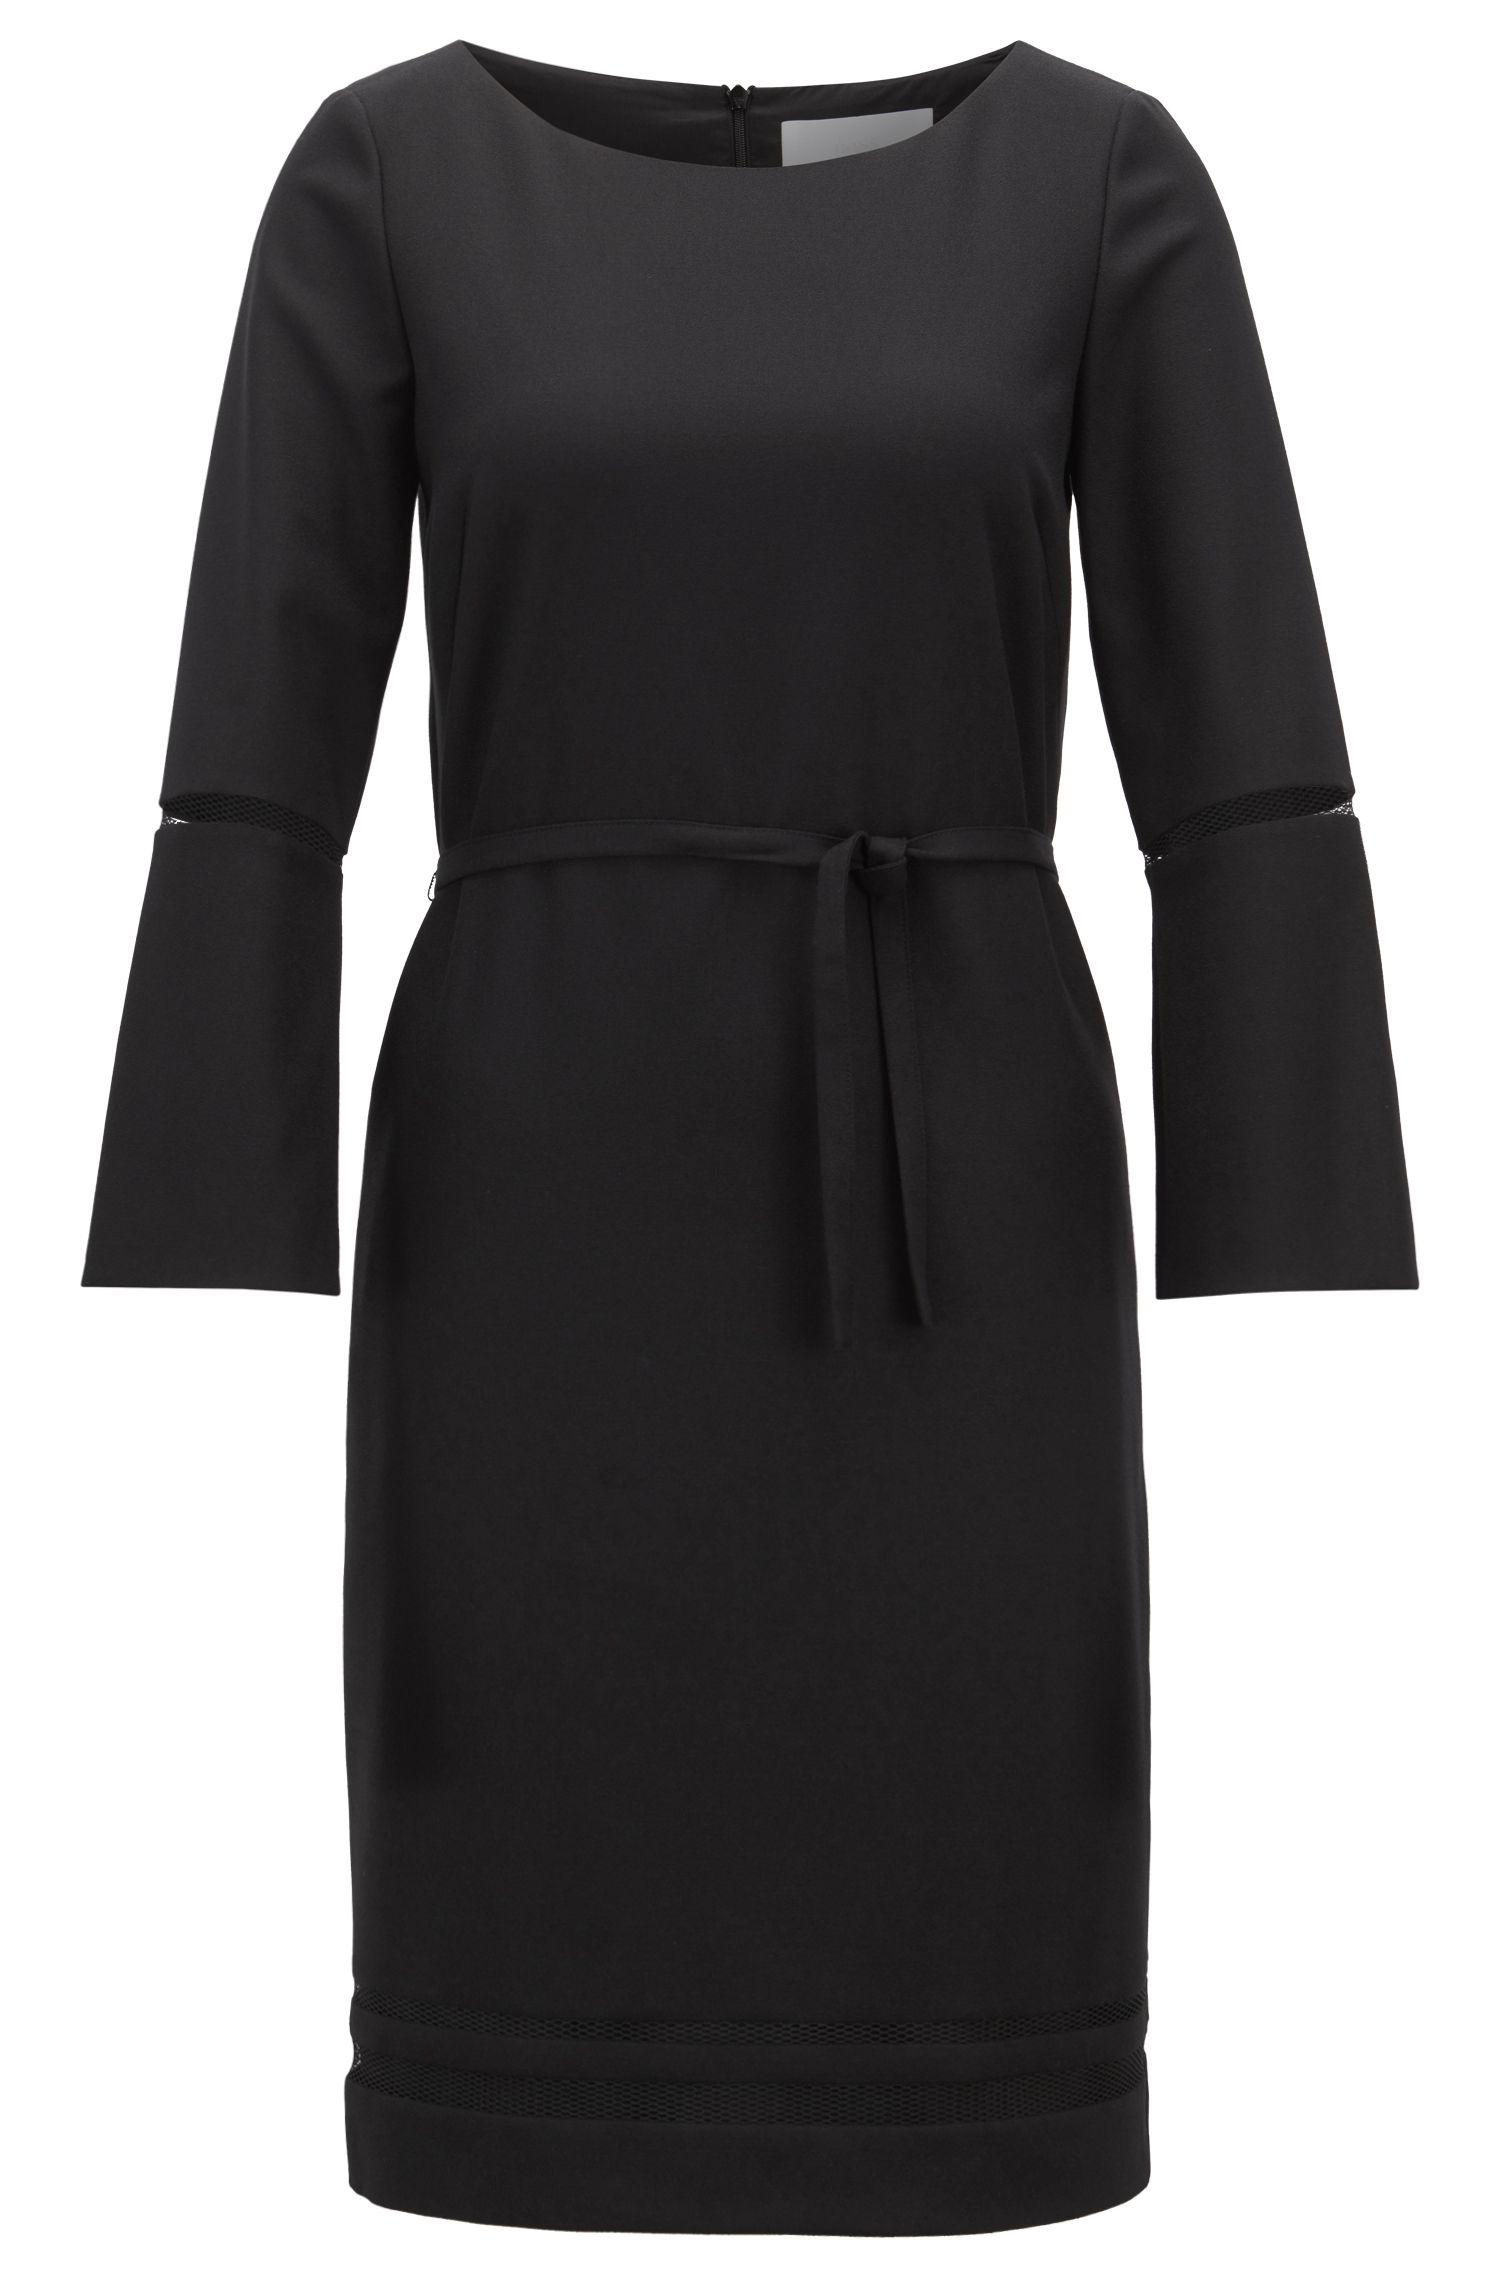 Kleid aus Stretch-Krepp mit ausgestellten Ärmeln und Mesh-Details